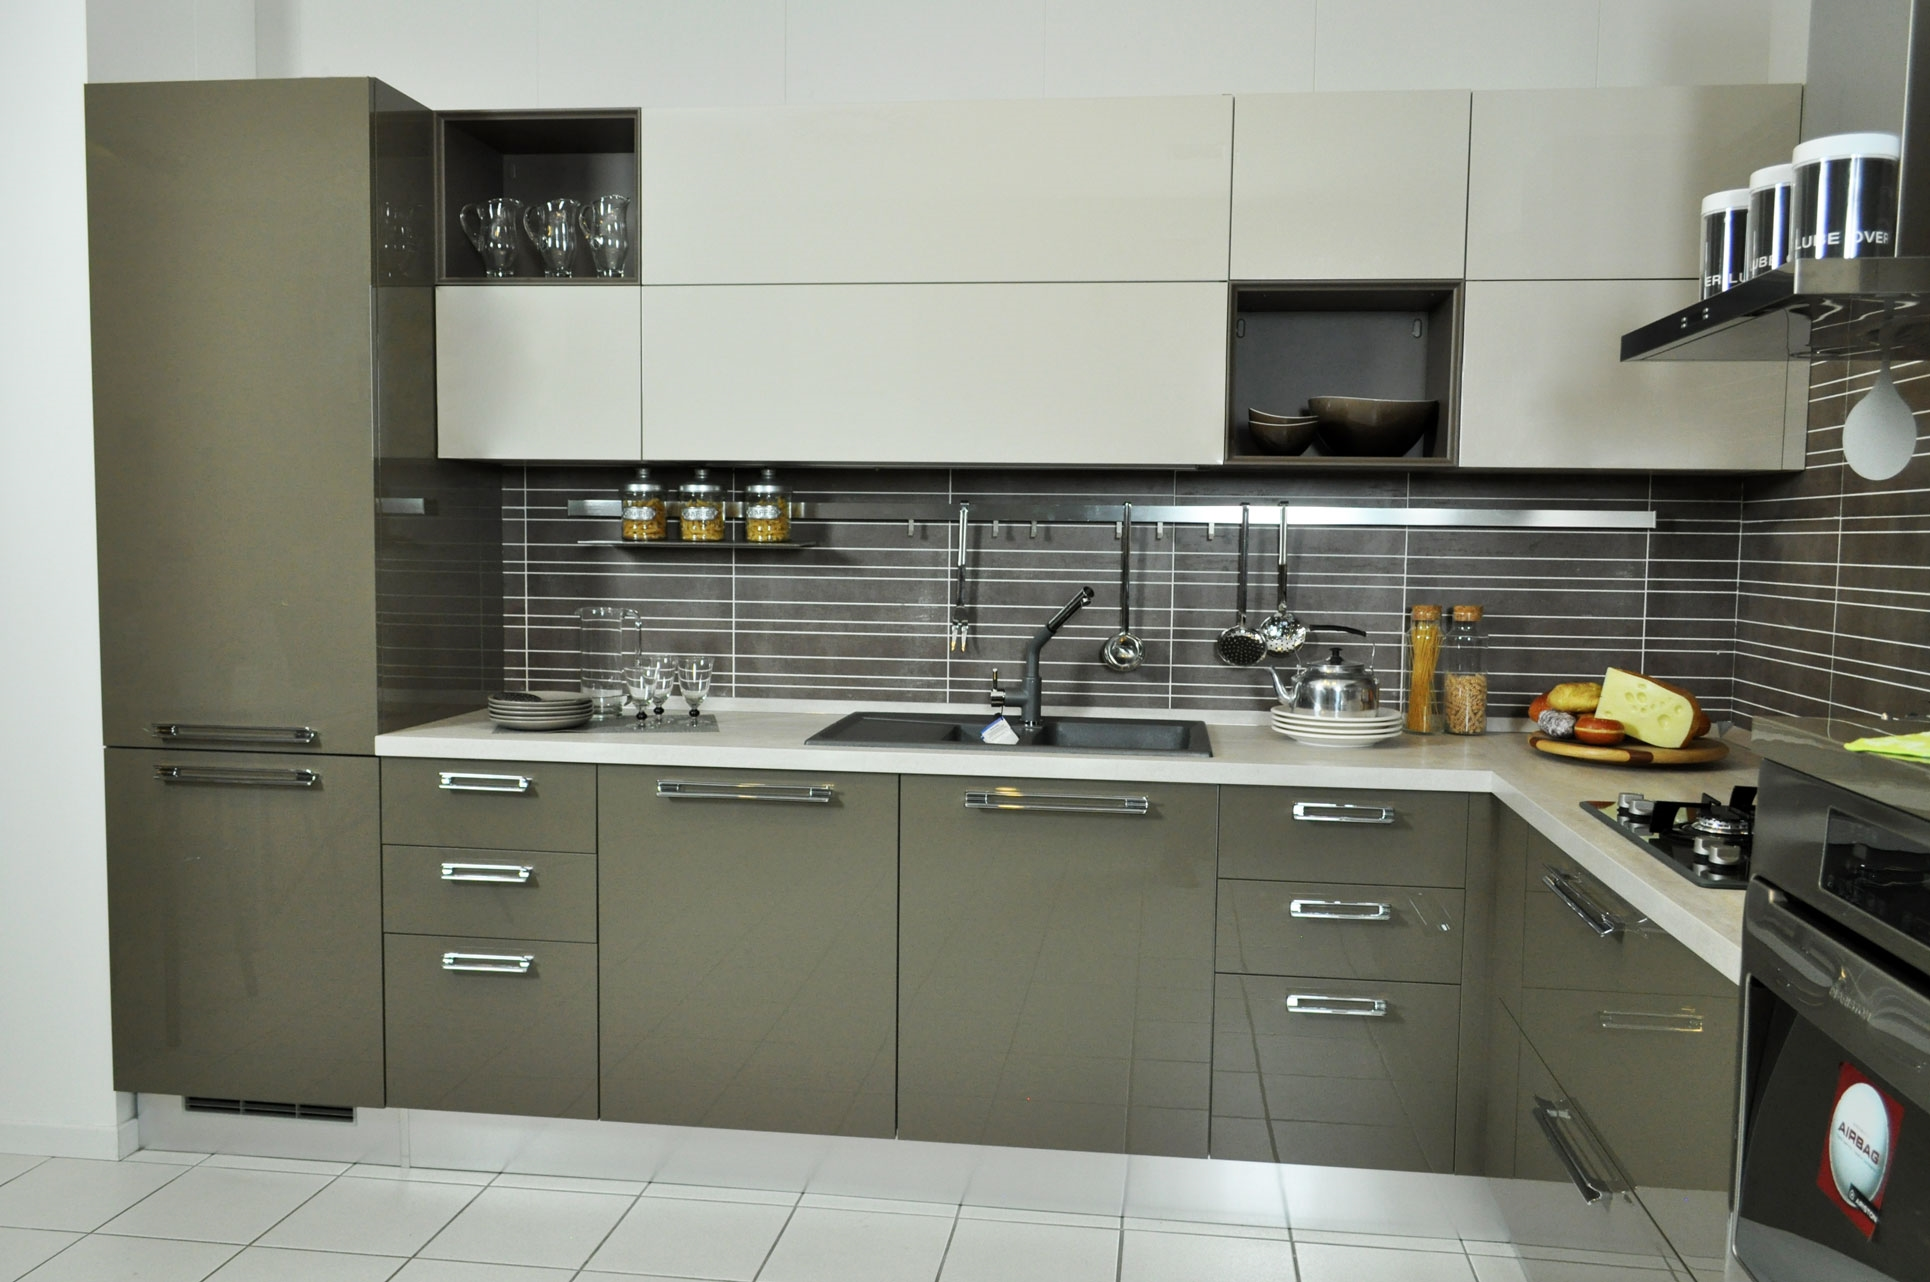 Cucina lube modello martina angolare laccata lucida e - Disposizione elettrodomestici cucina ...